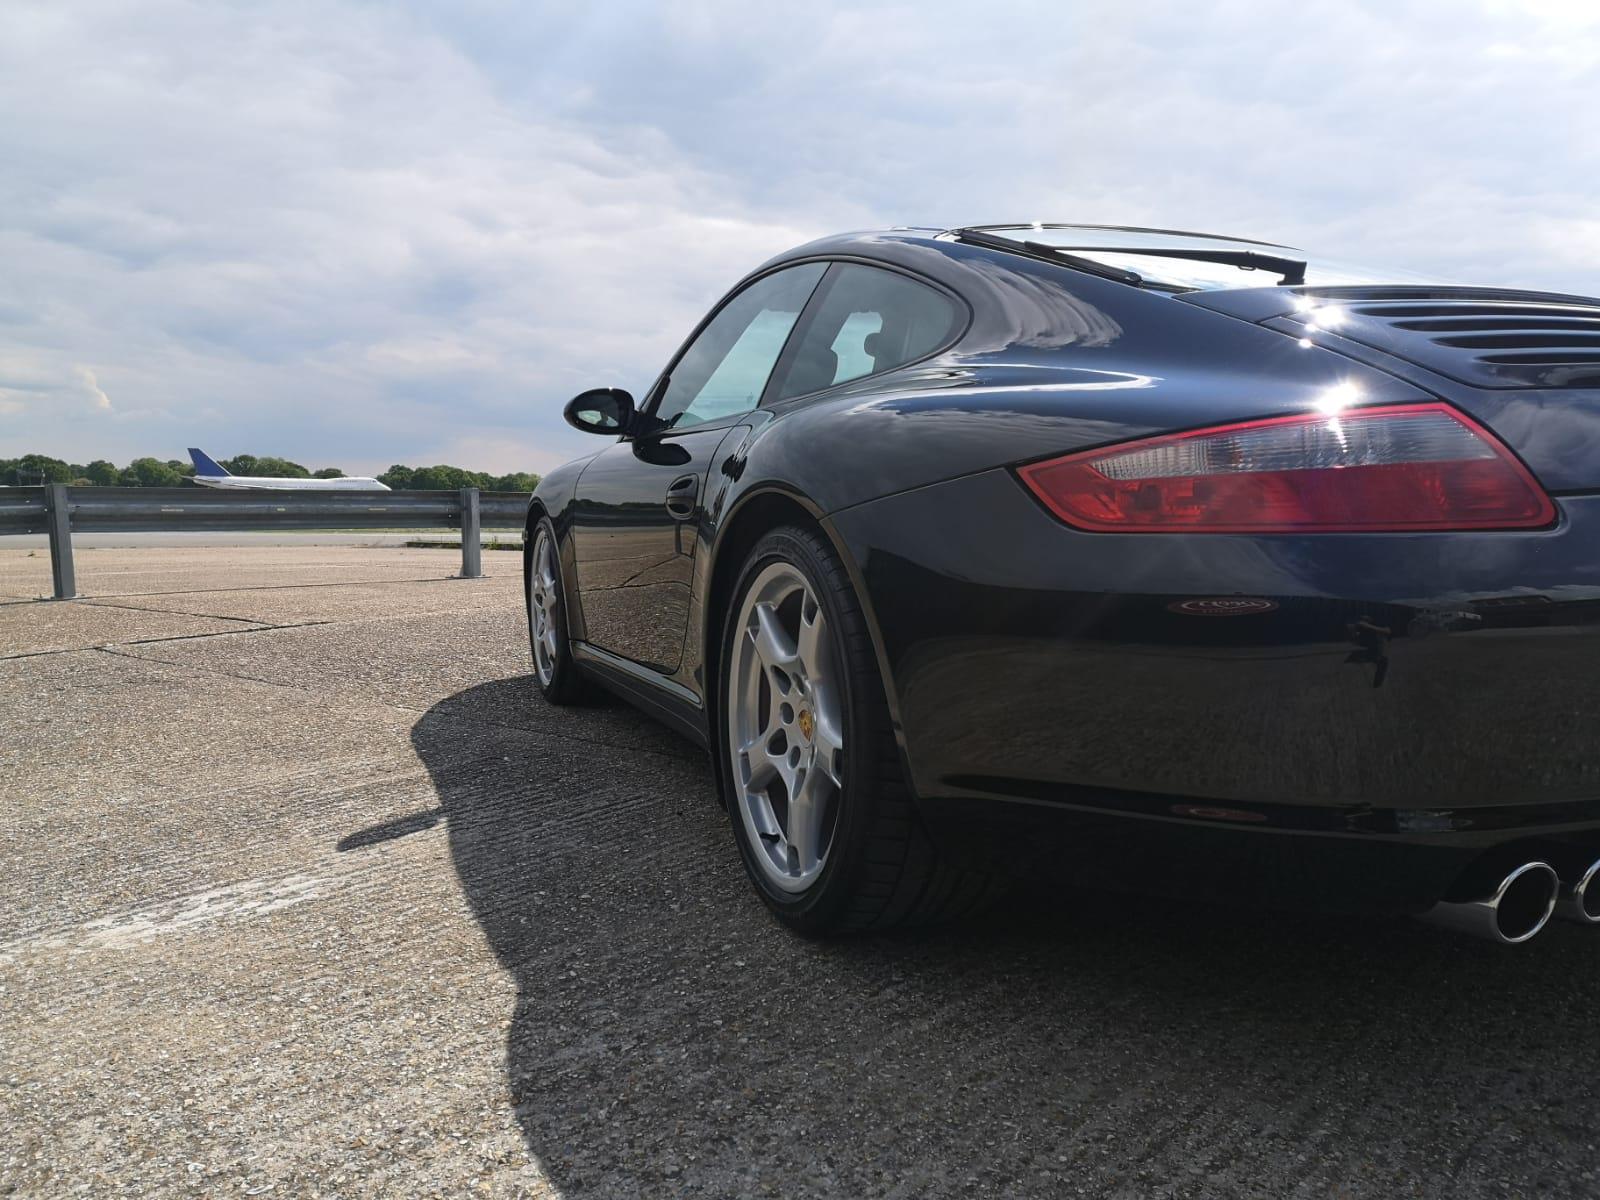 Porsche Carrera Paint Protection